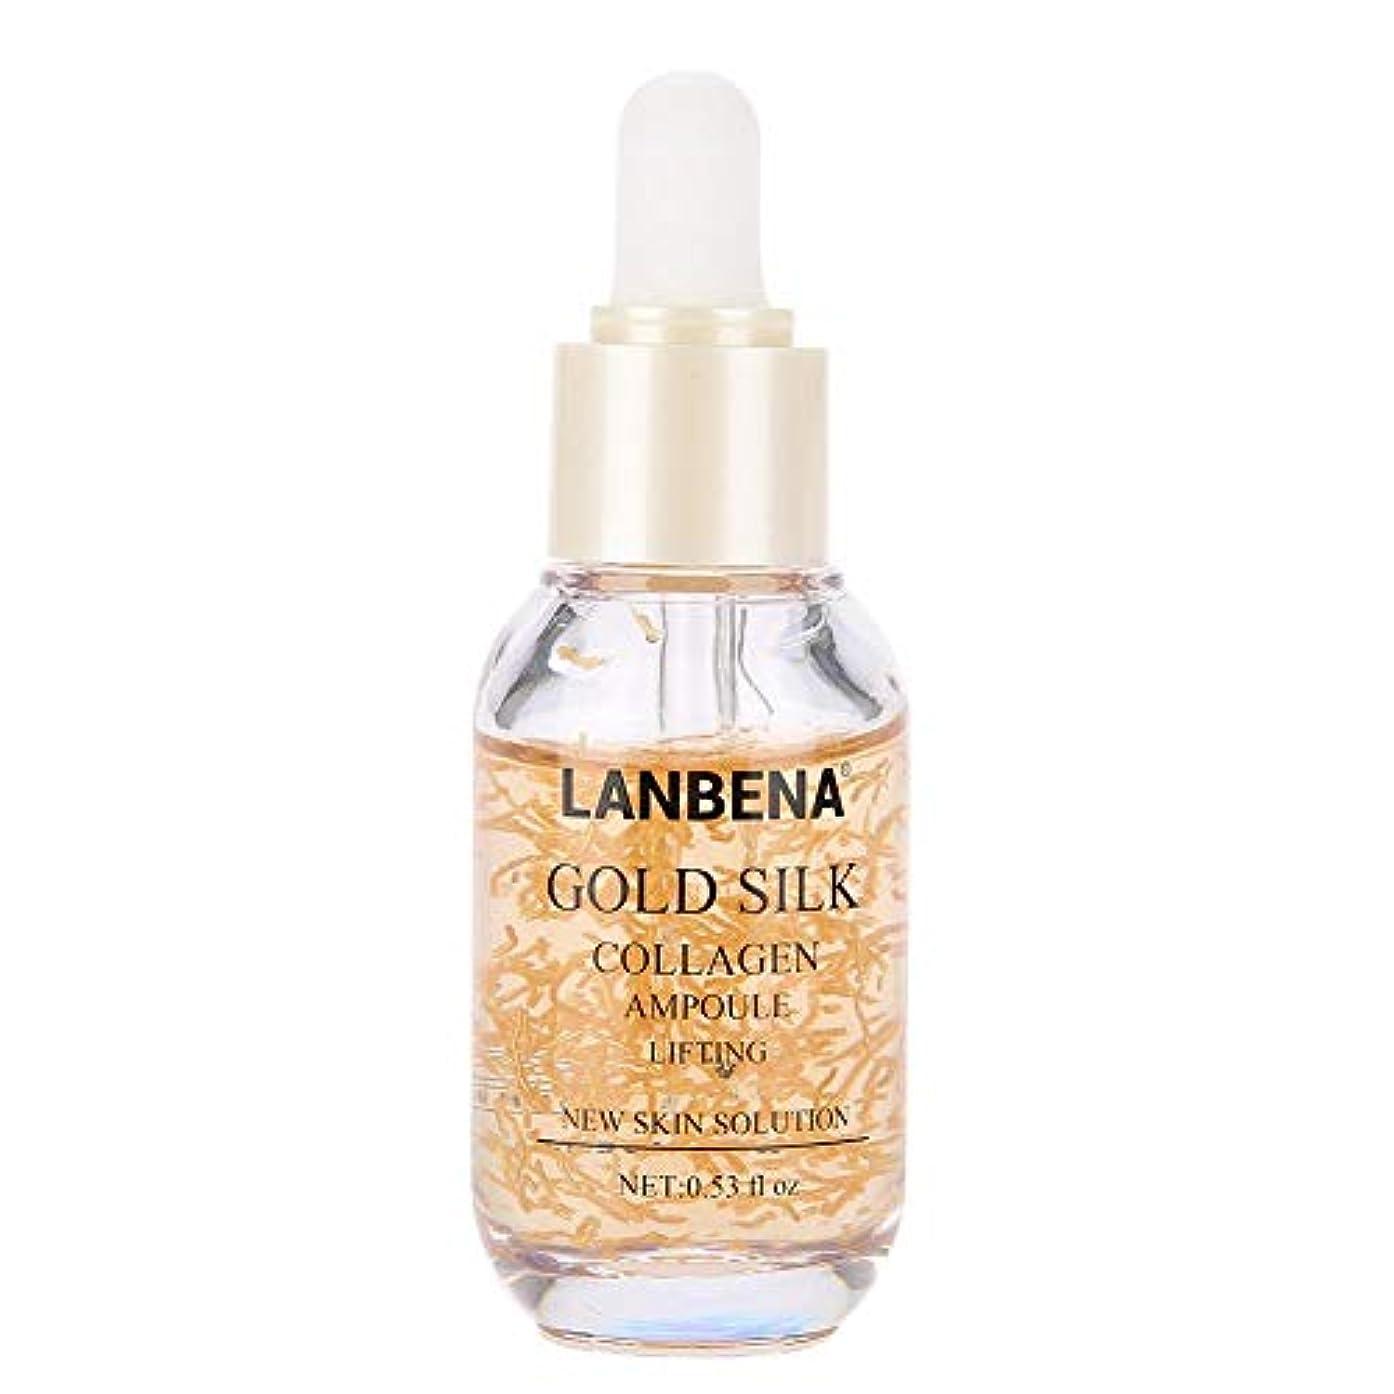 引き渡す大事にする以来コラーゲンフェイシャルエッセンス、肌への潤い 修理 保湿 引き締め 肌の輝き ユニセックス スキンケア製品